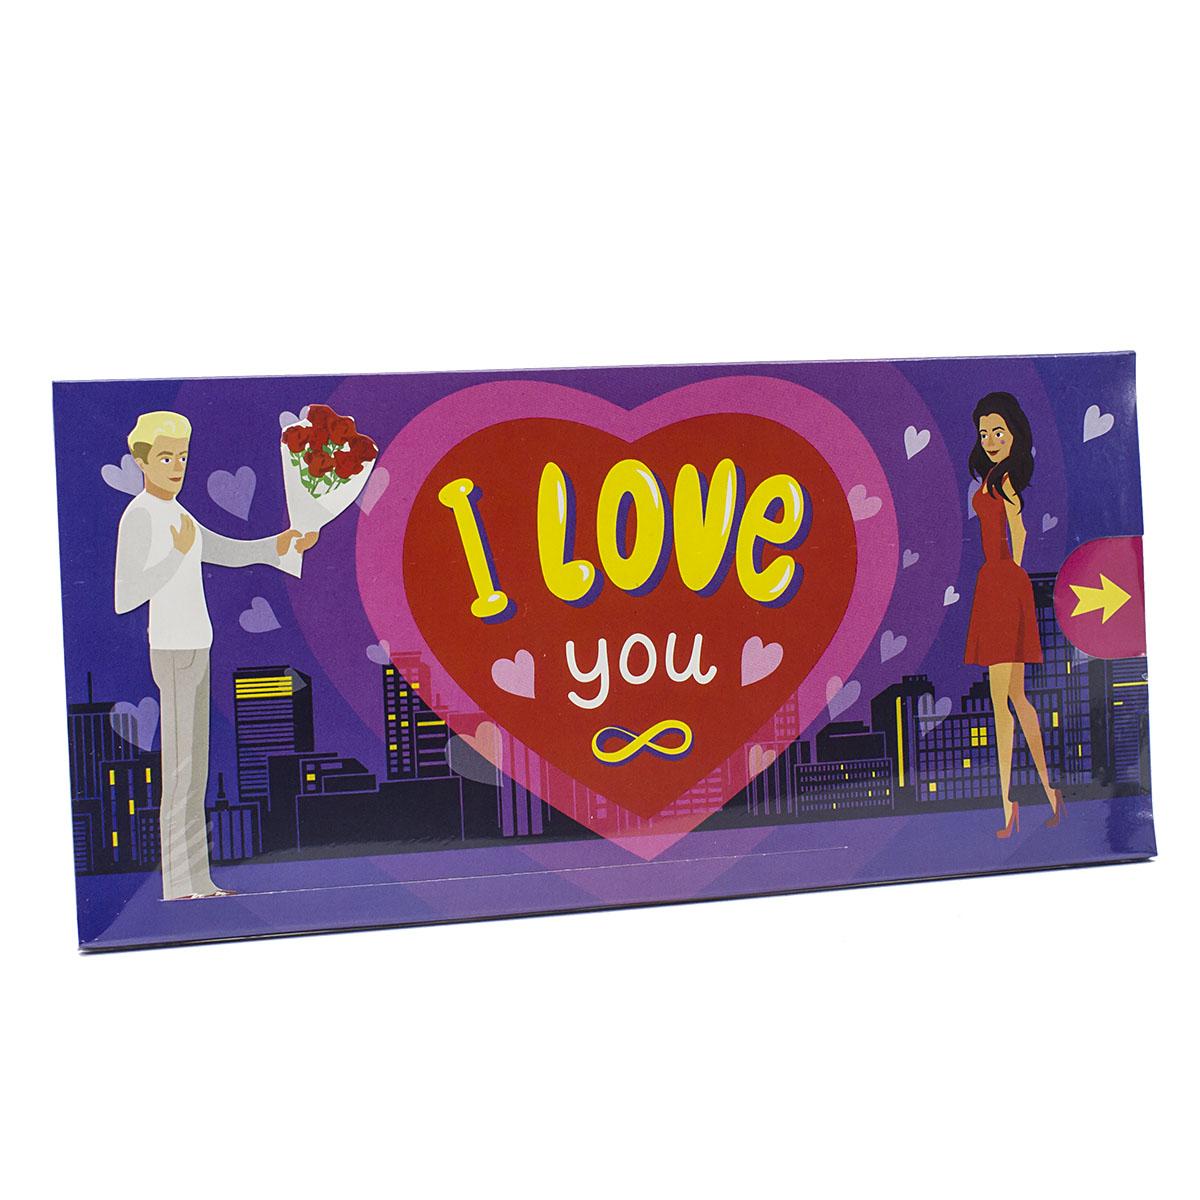 """Купить со скидкой Пастила яблочная - вкусное письмо """"Я люблю тебя"""", 50 г (уцененный товар)"""